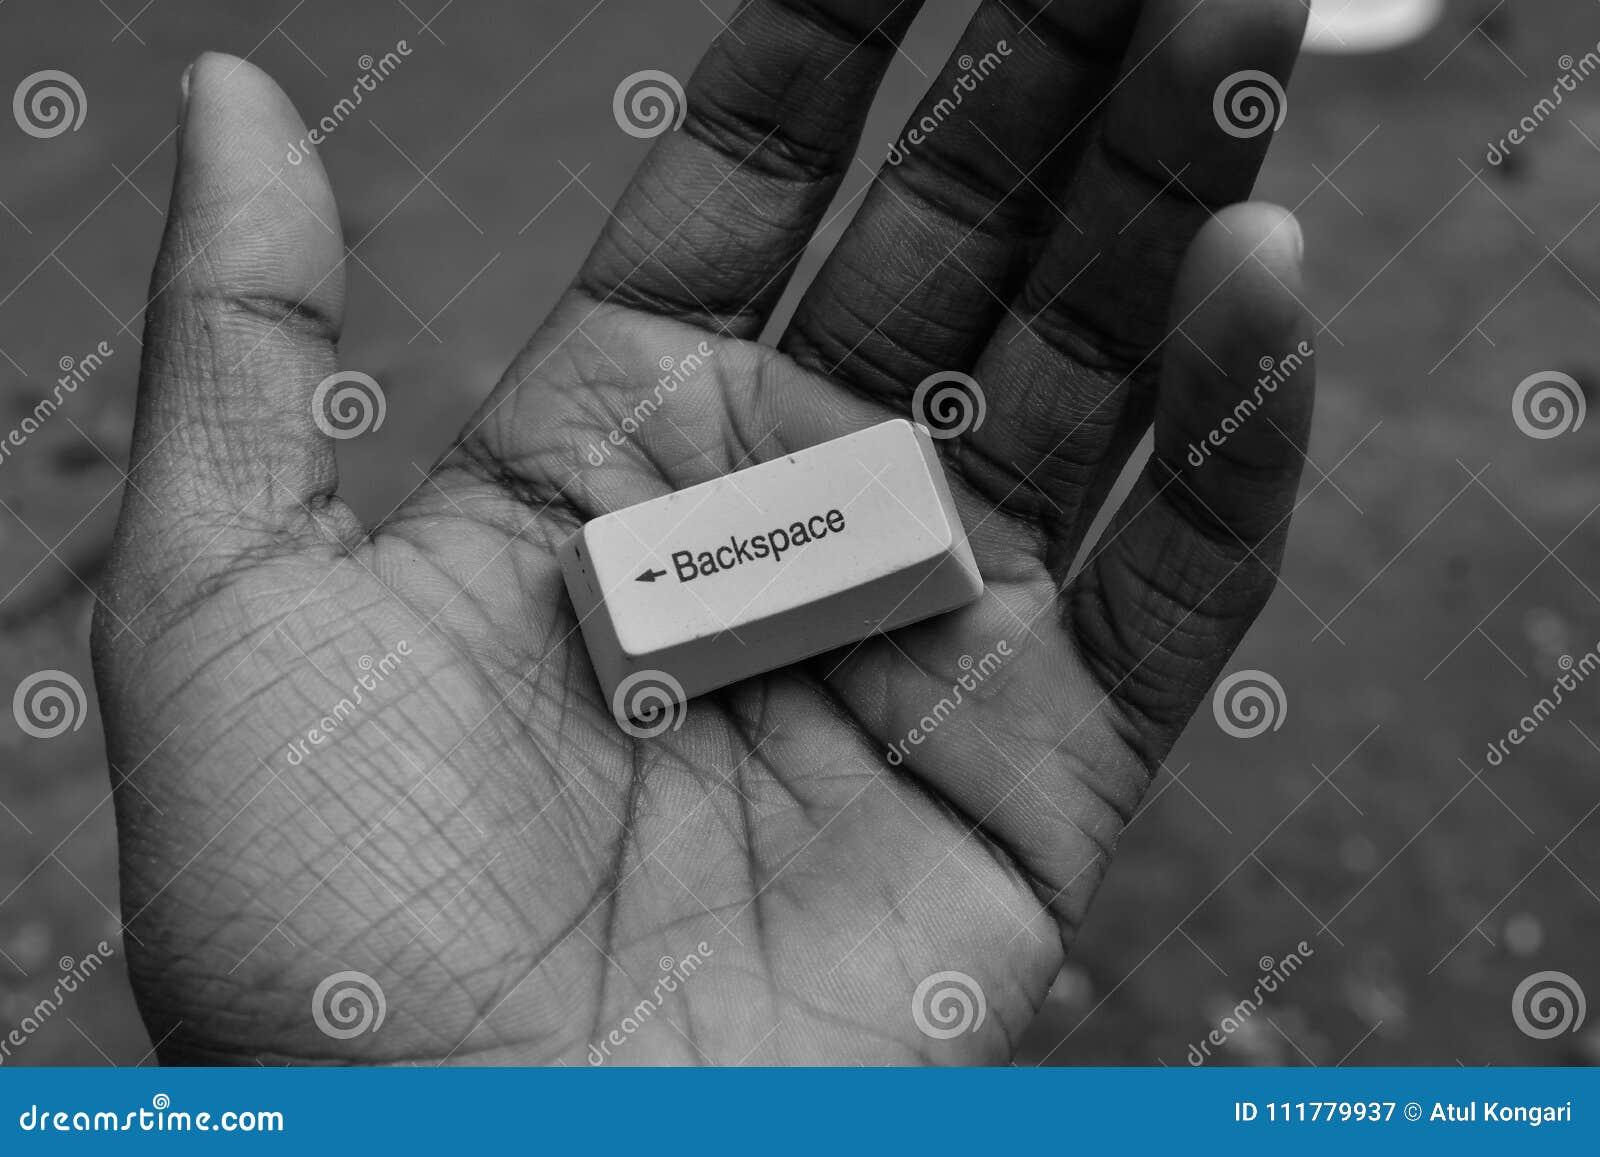 Life has no backspace key hand holding a backspace computer key